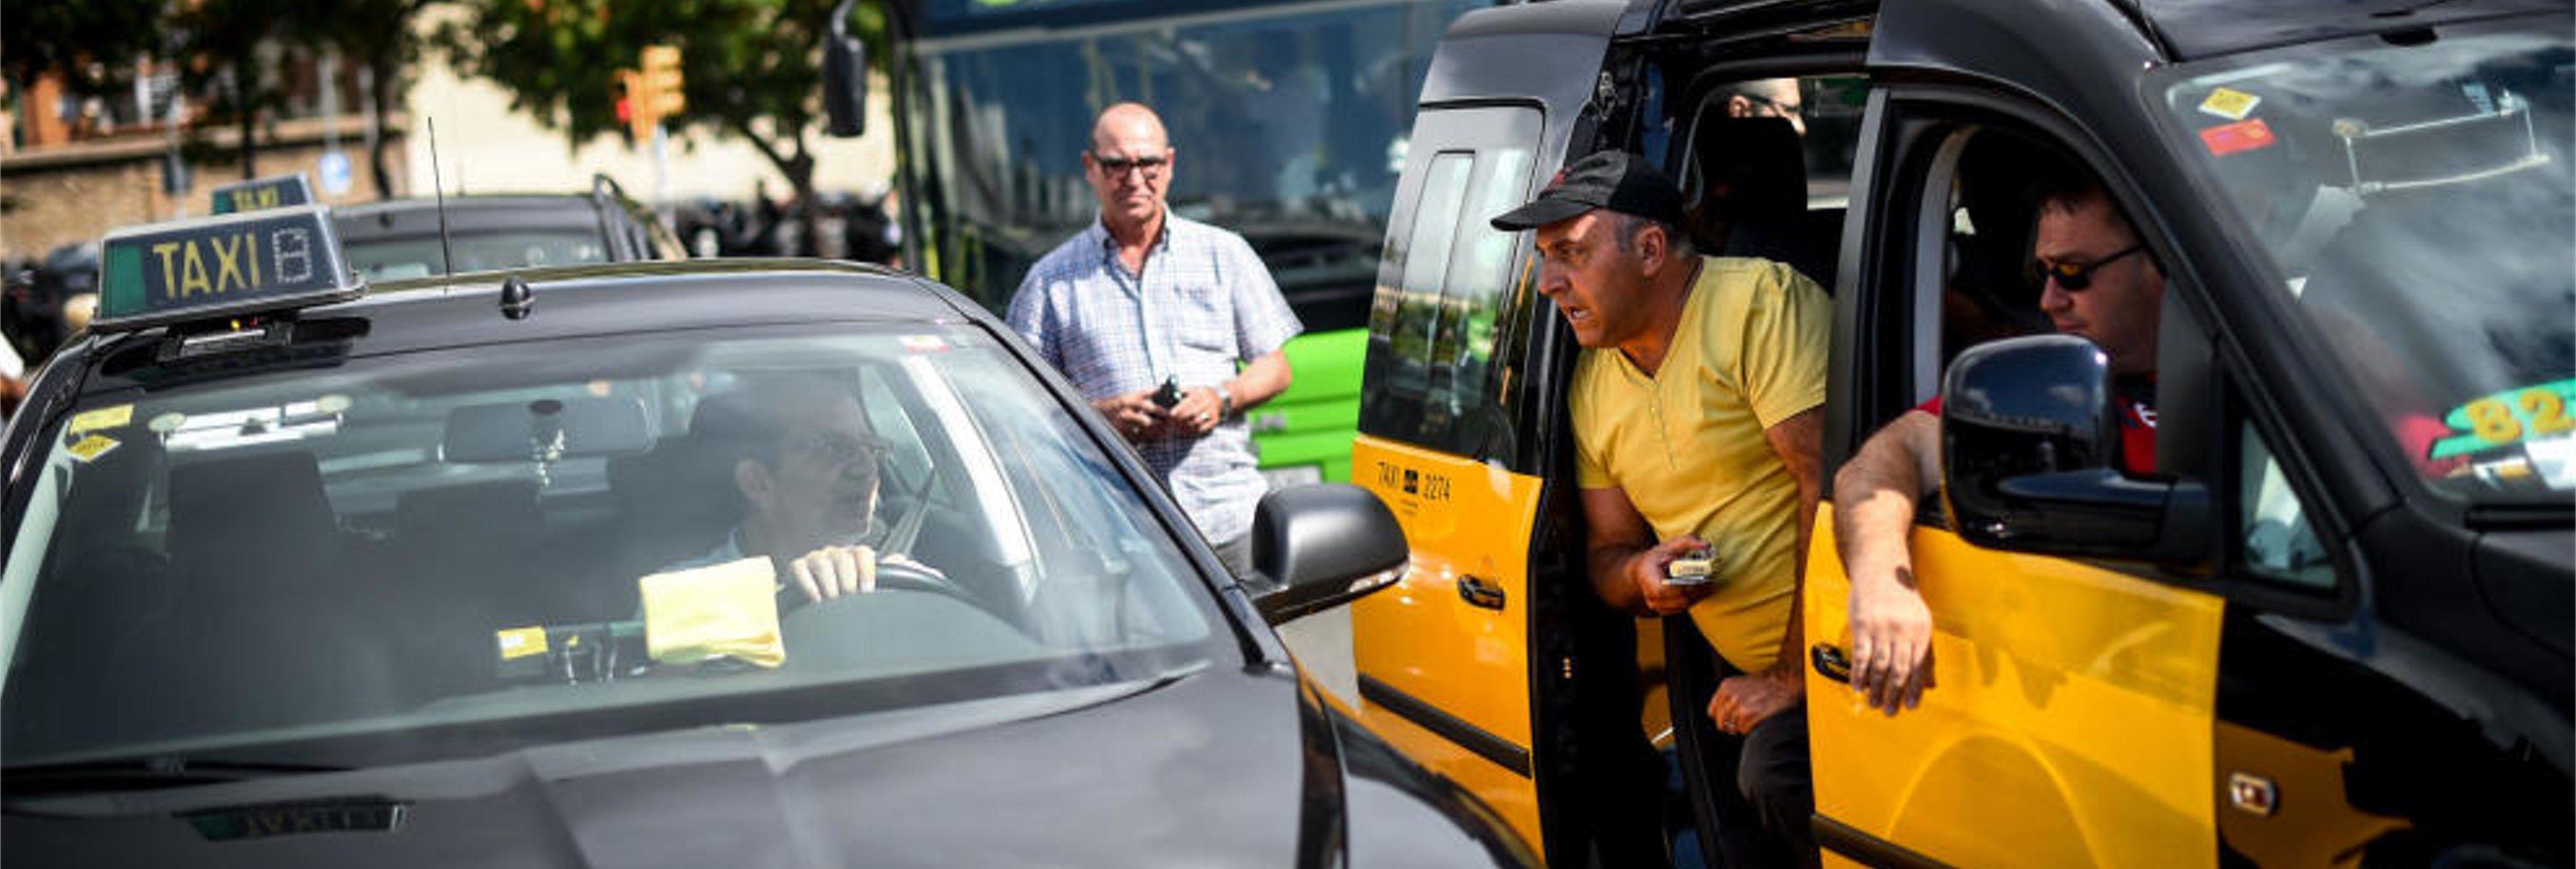 Huelga de taxistas frente a Cabify y Uber: ¿Quién tiene la razón?